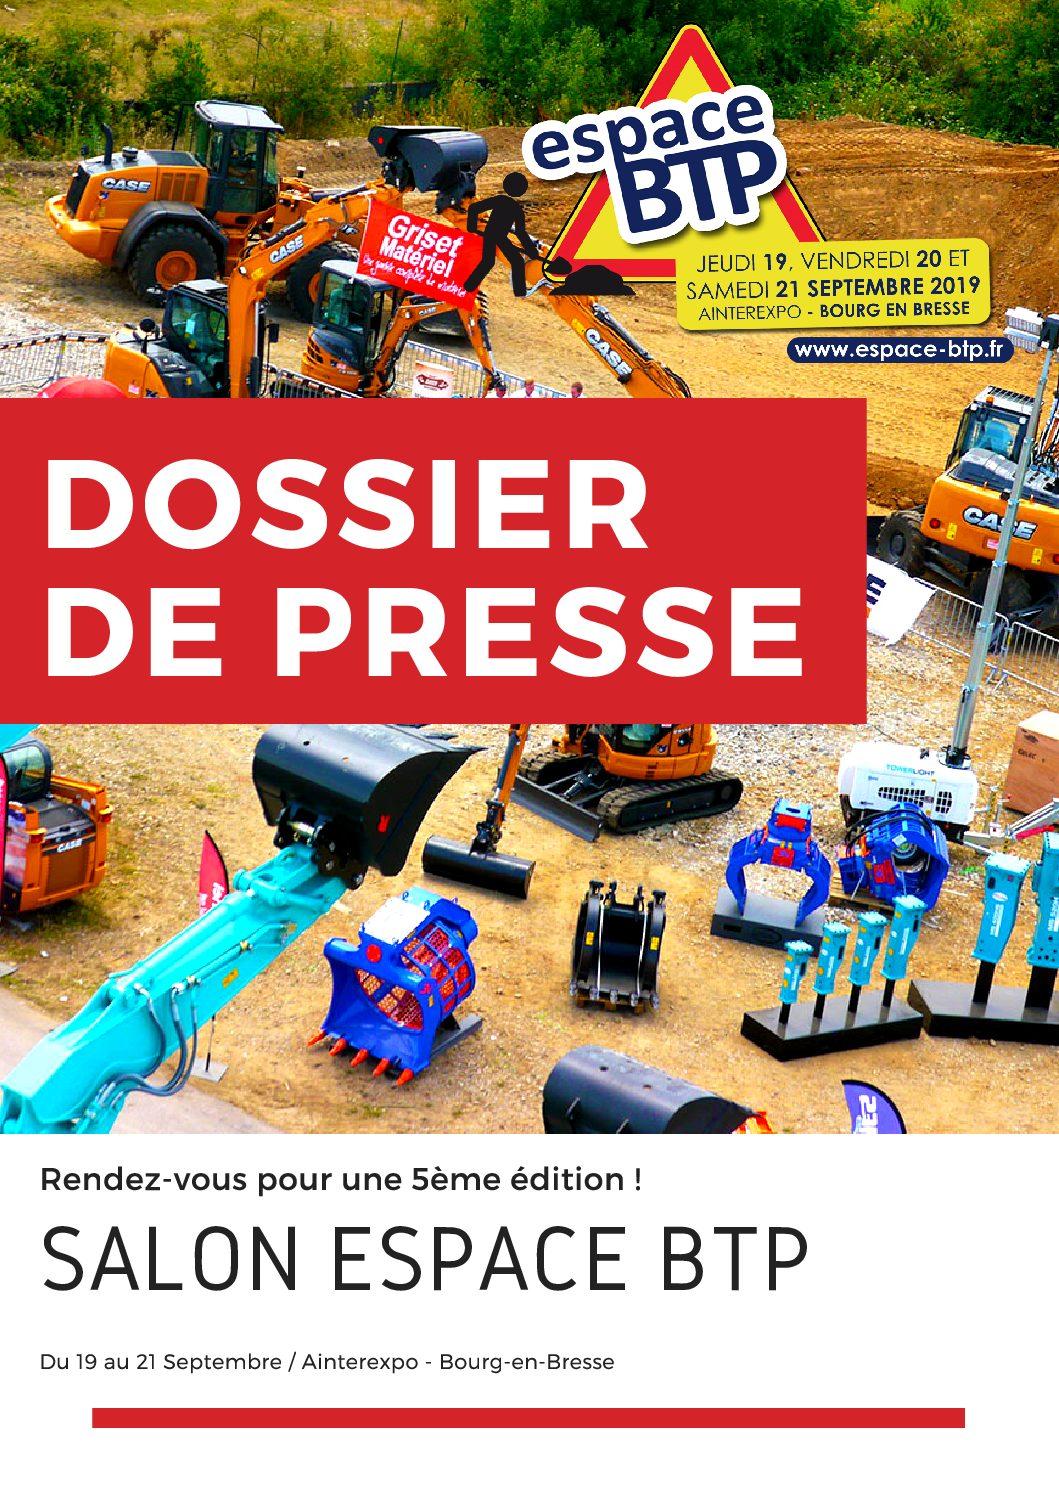 DOSSIER DE PRESSE ESPACE BTP IMPRESSION-2